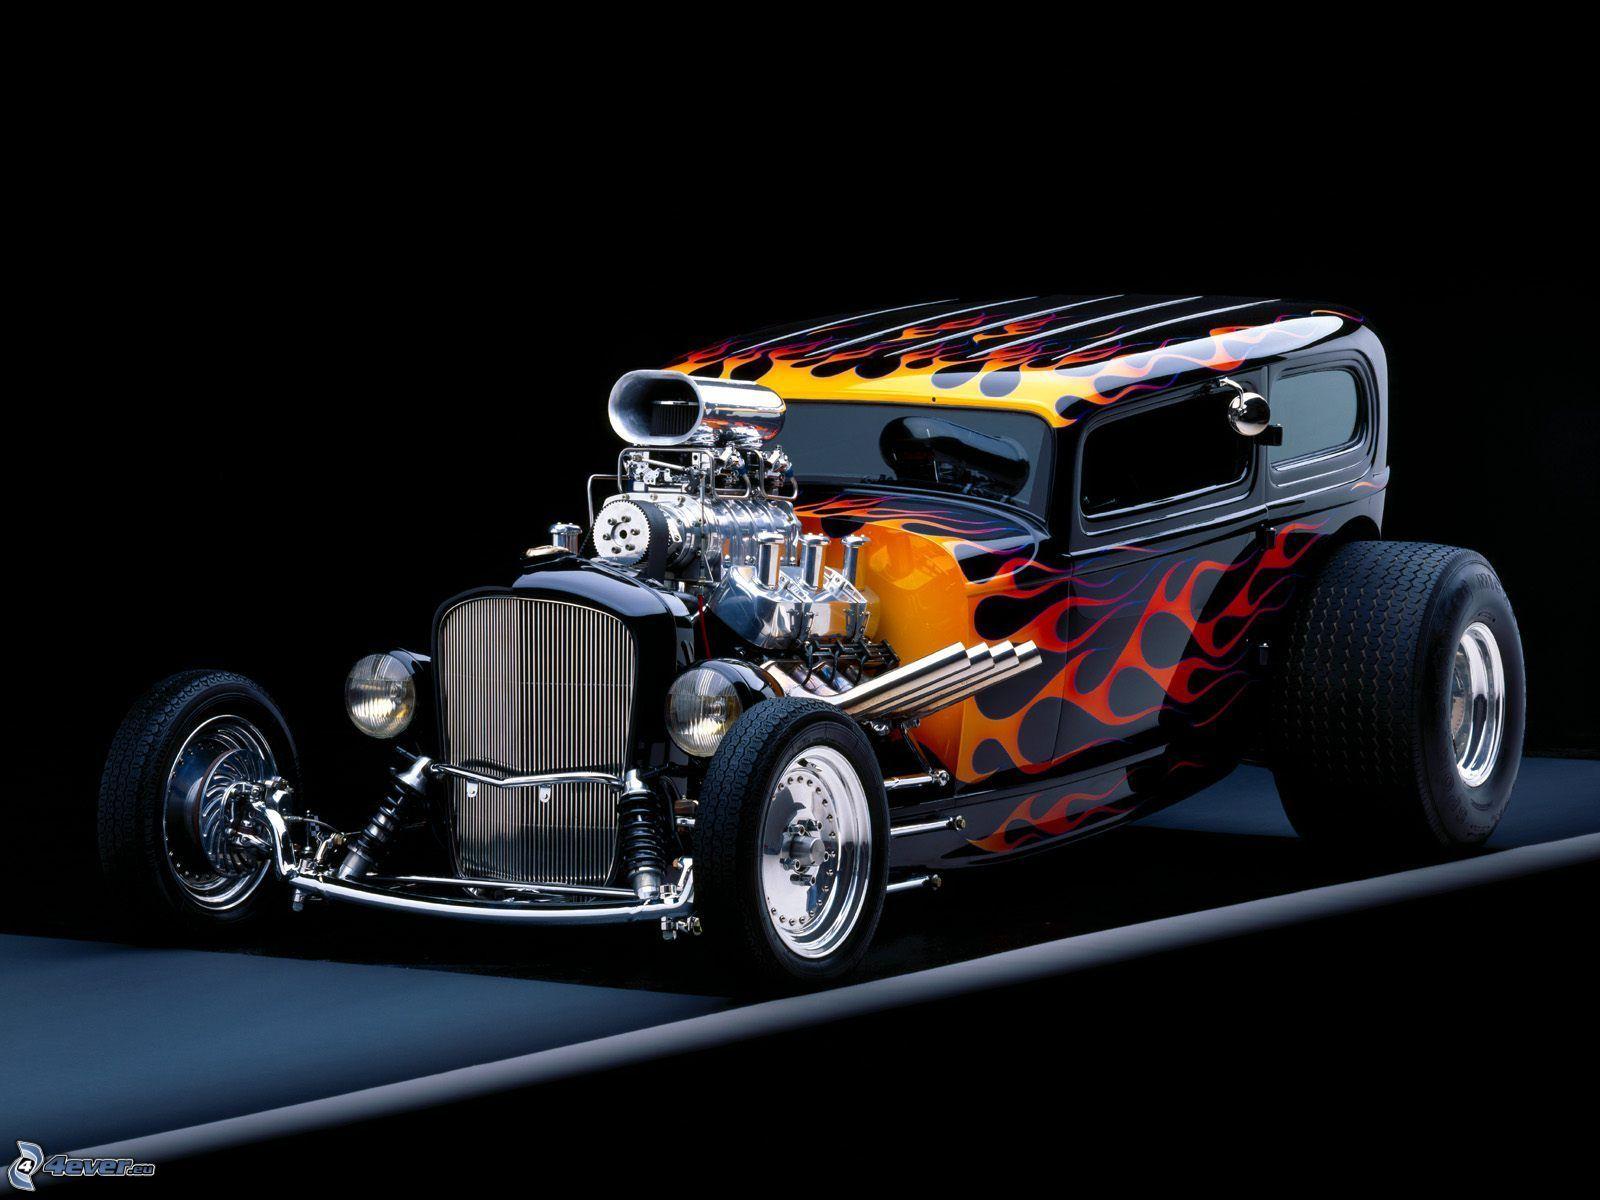 hot rod dragster. Black Bedroom Furniture Sets. Home Design Ideas